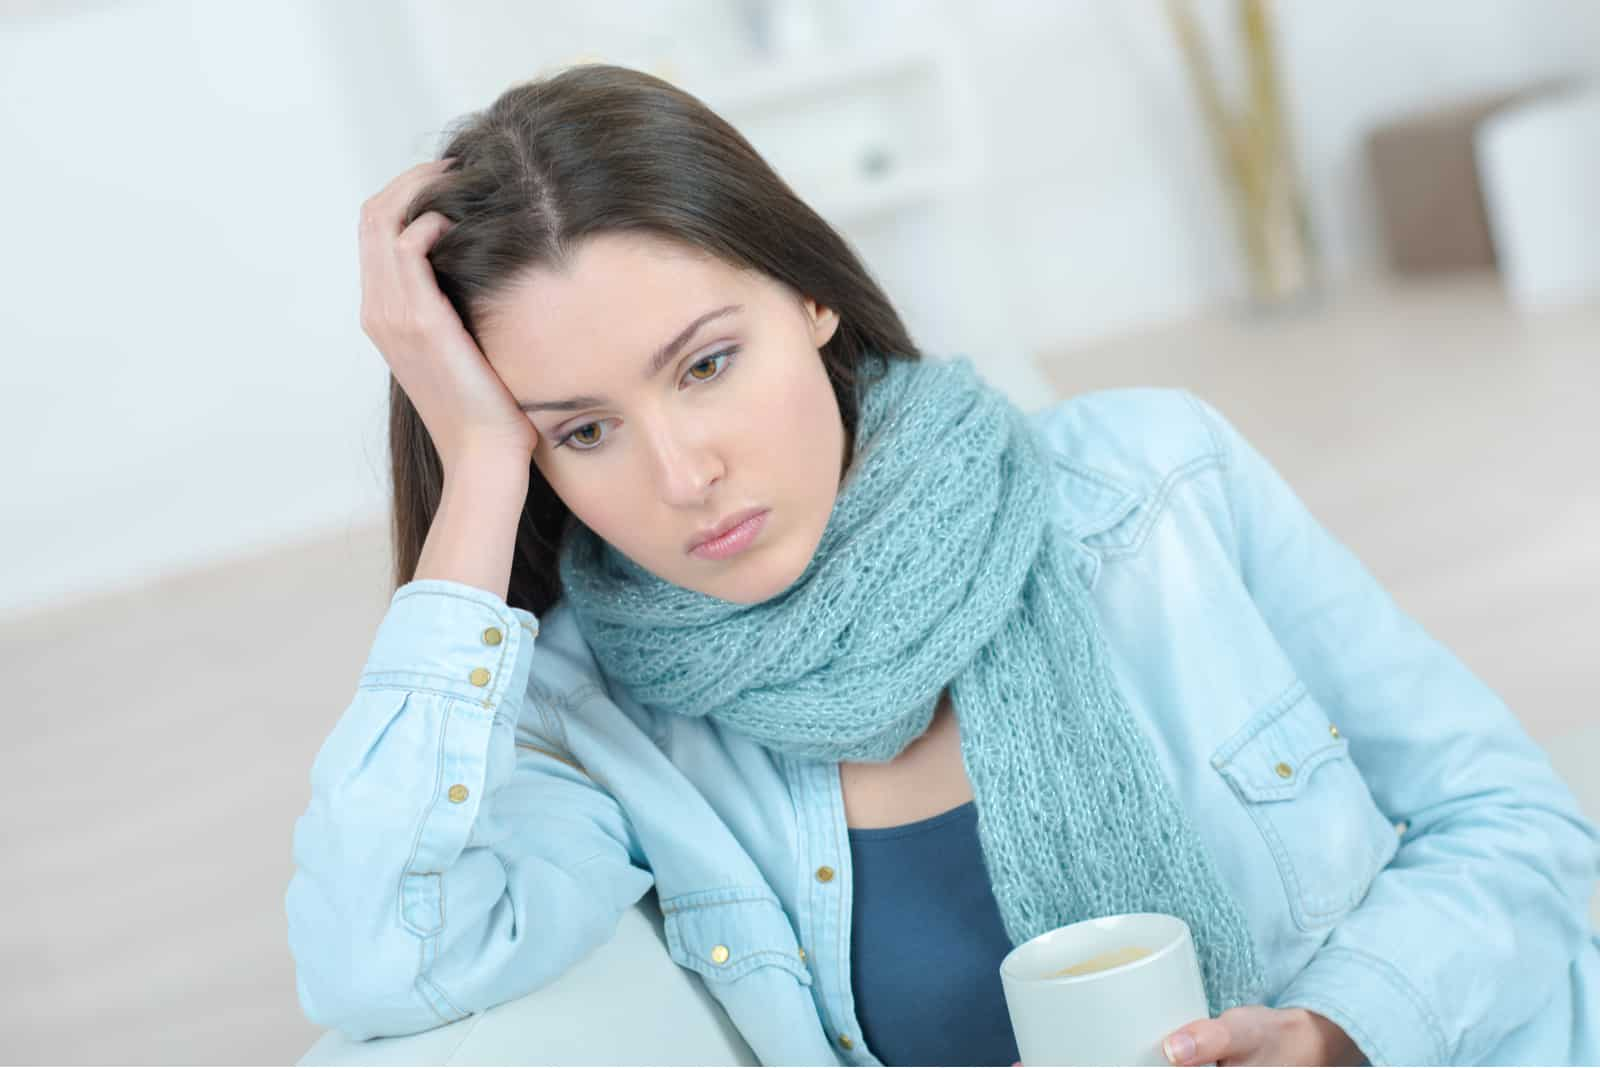 une femme triste est assise sur le canapé et boit du café